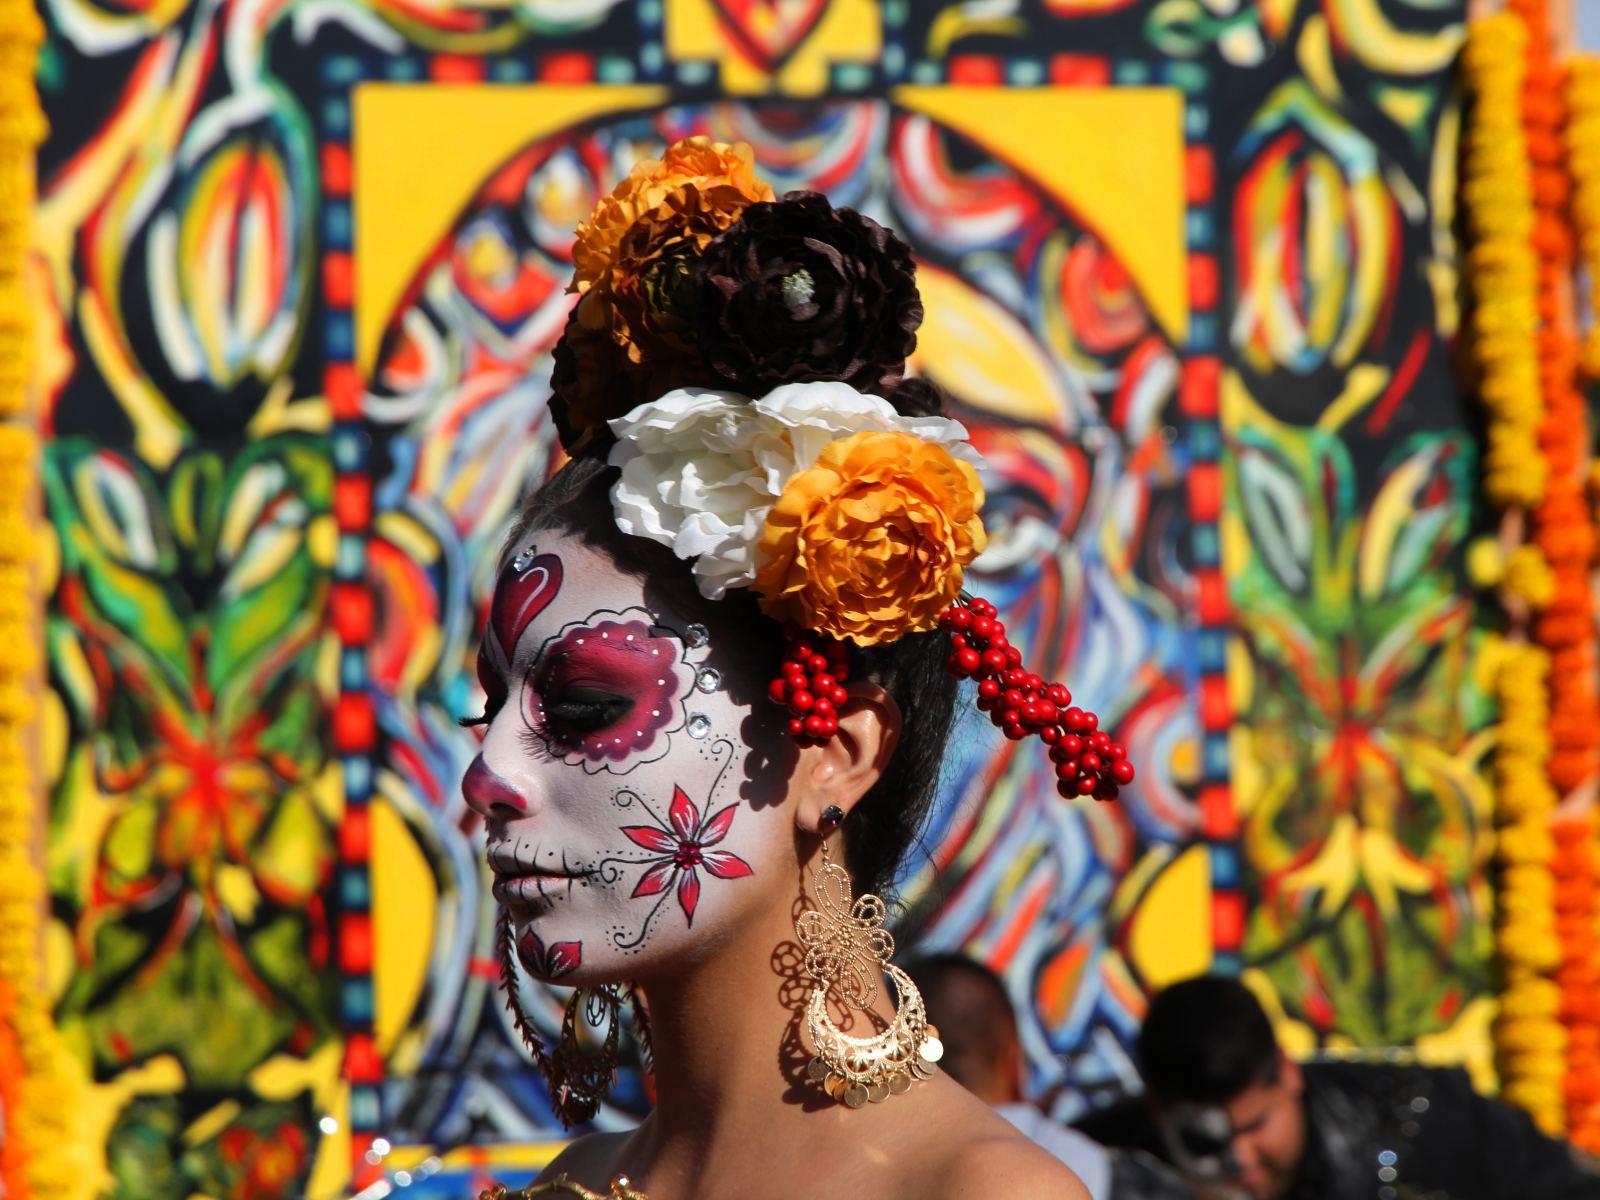 Celebrating Dia de los Muertos at Dominican |